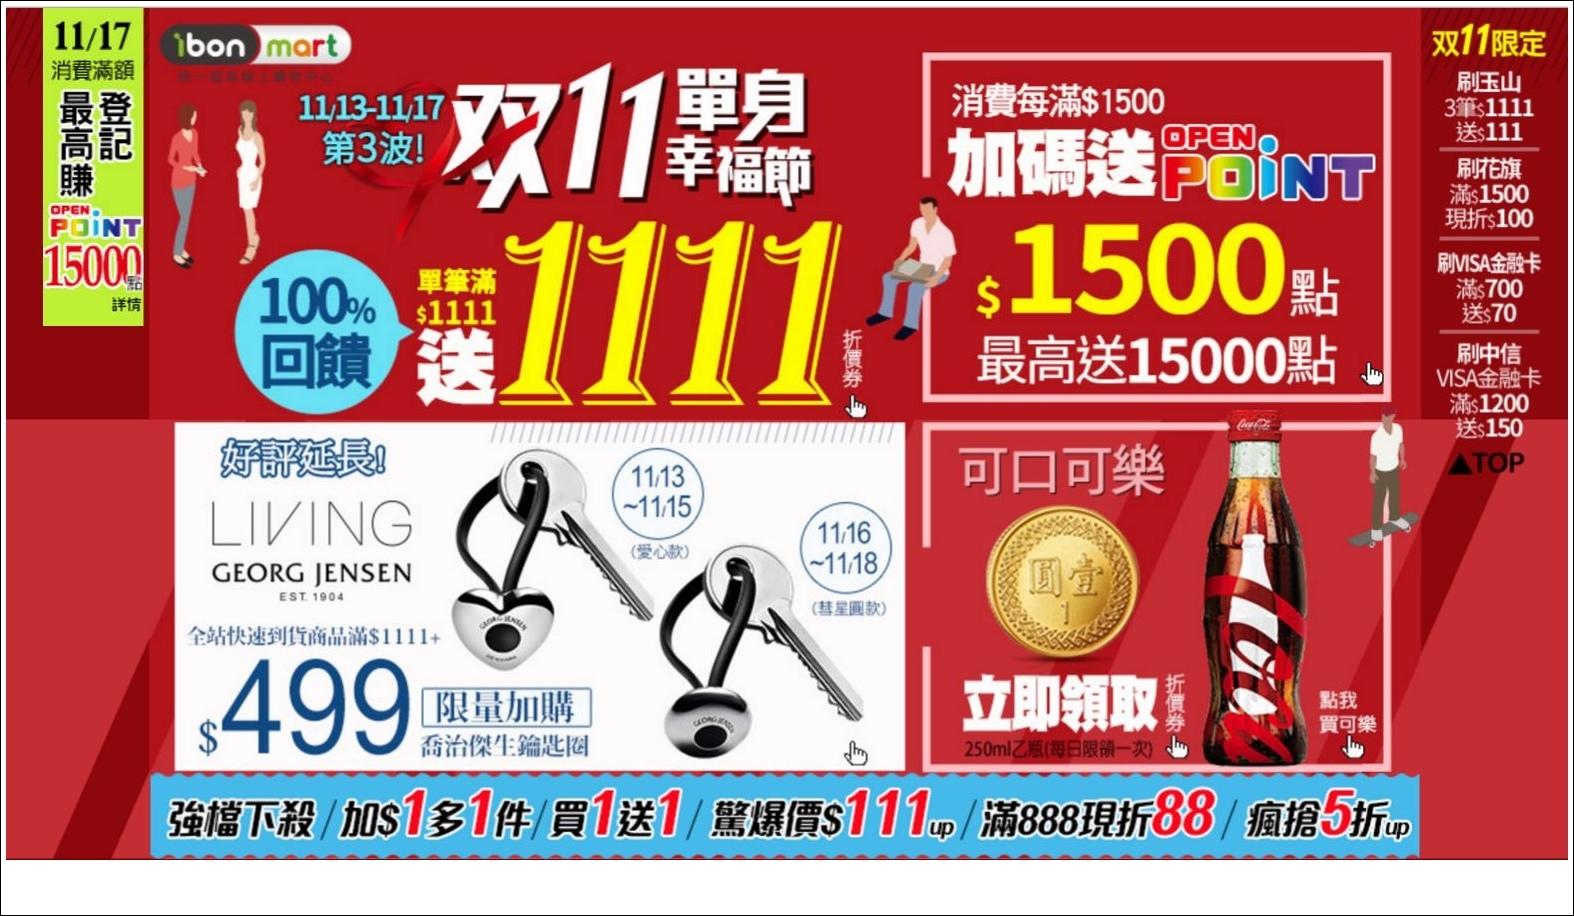 樹頂(Tree Top)綜合果汁 ibon mart統一超商線上購物中心 (2).JPG